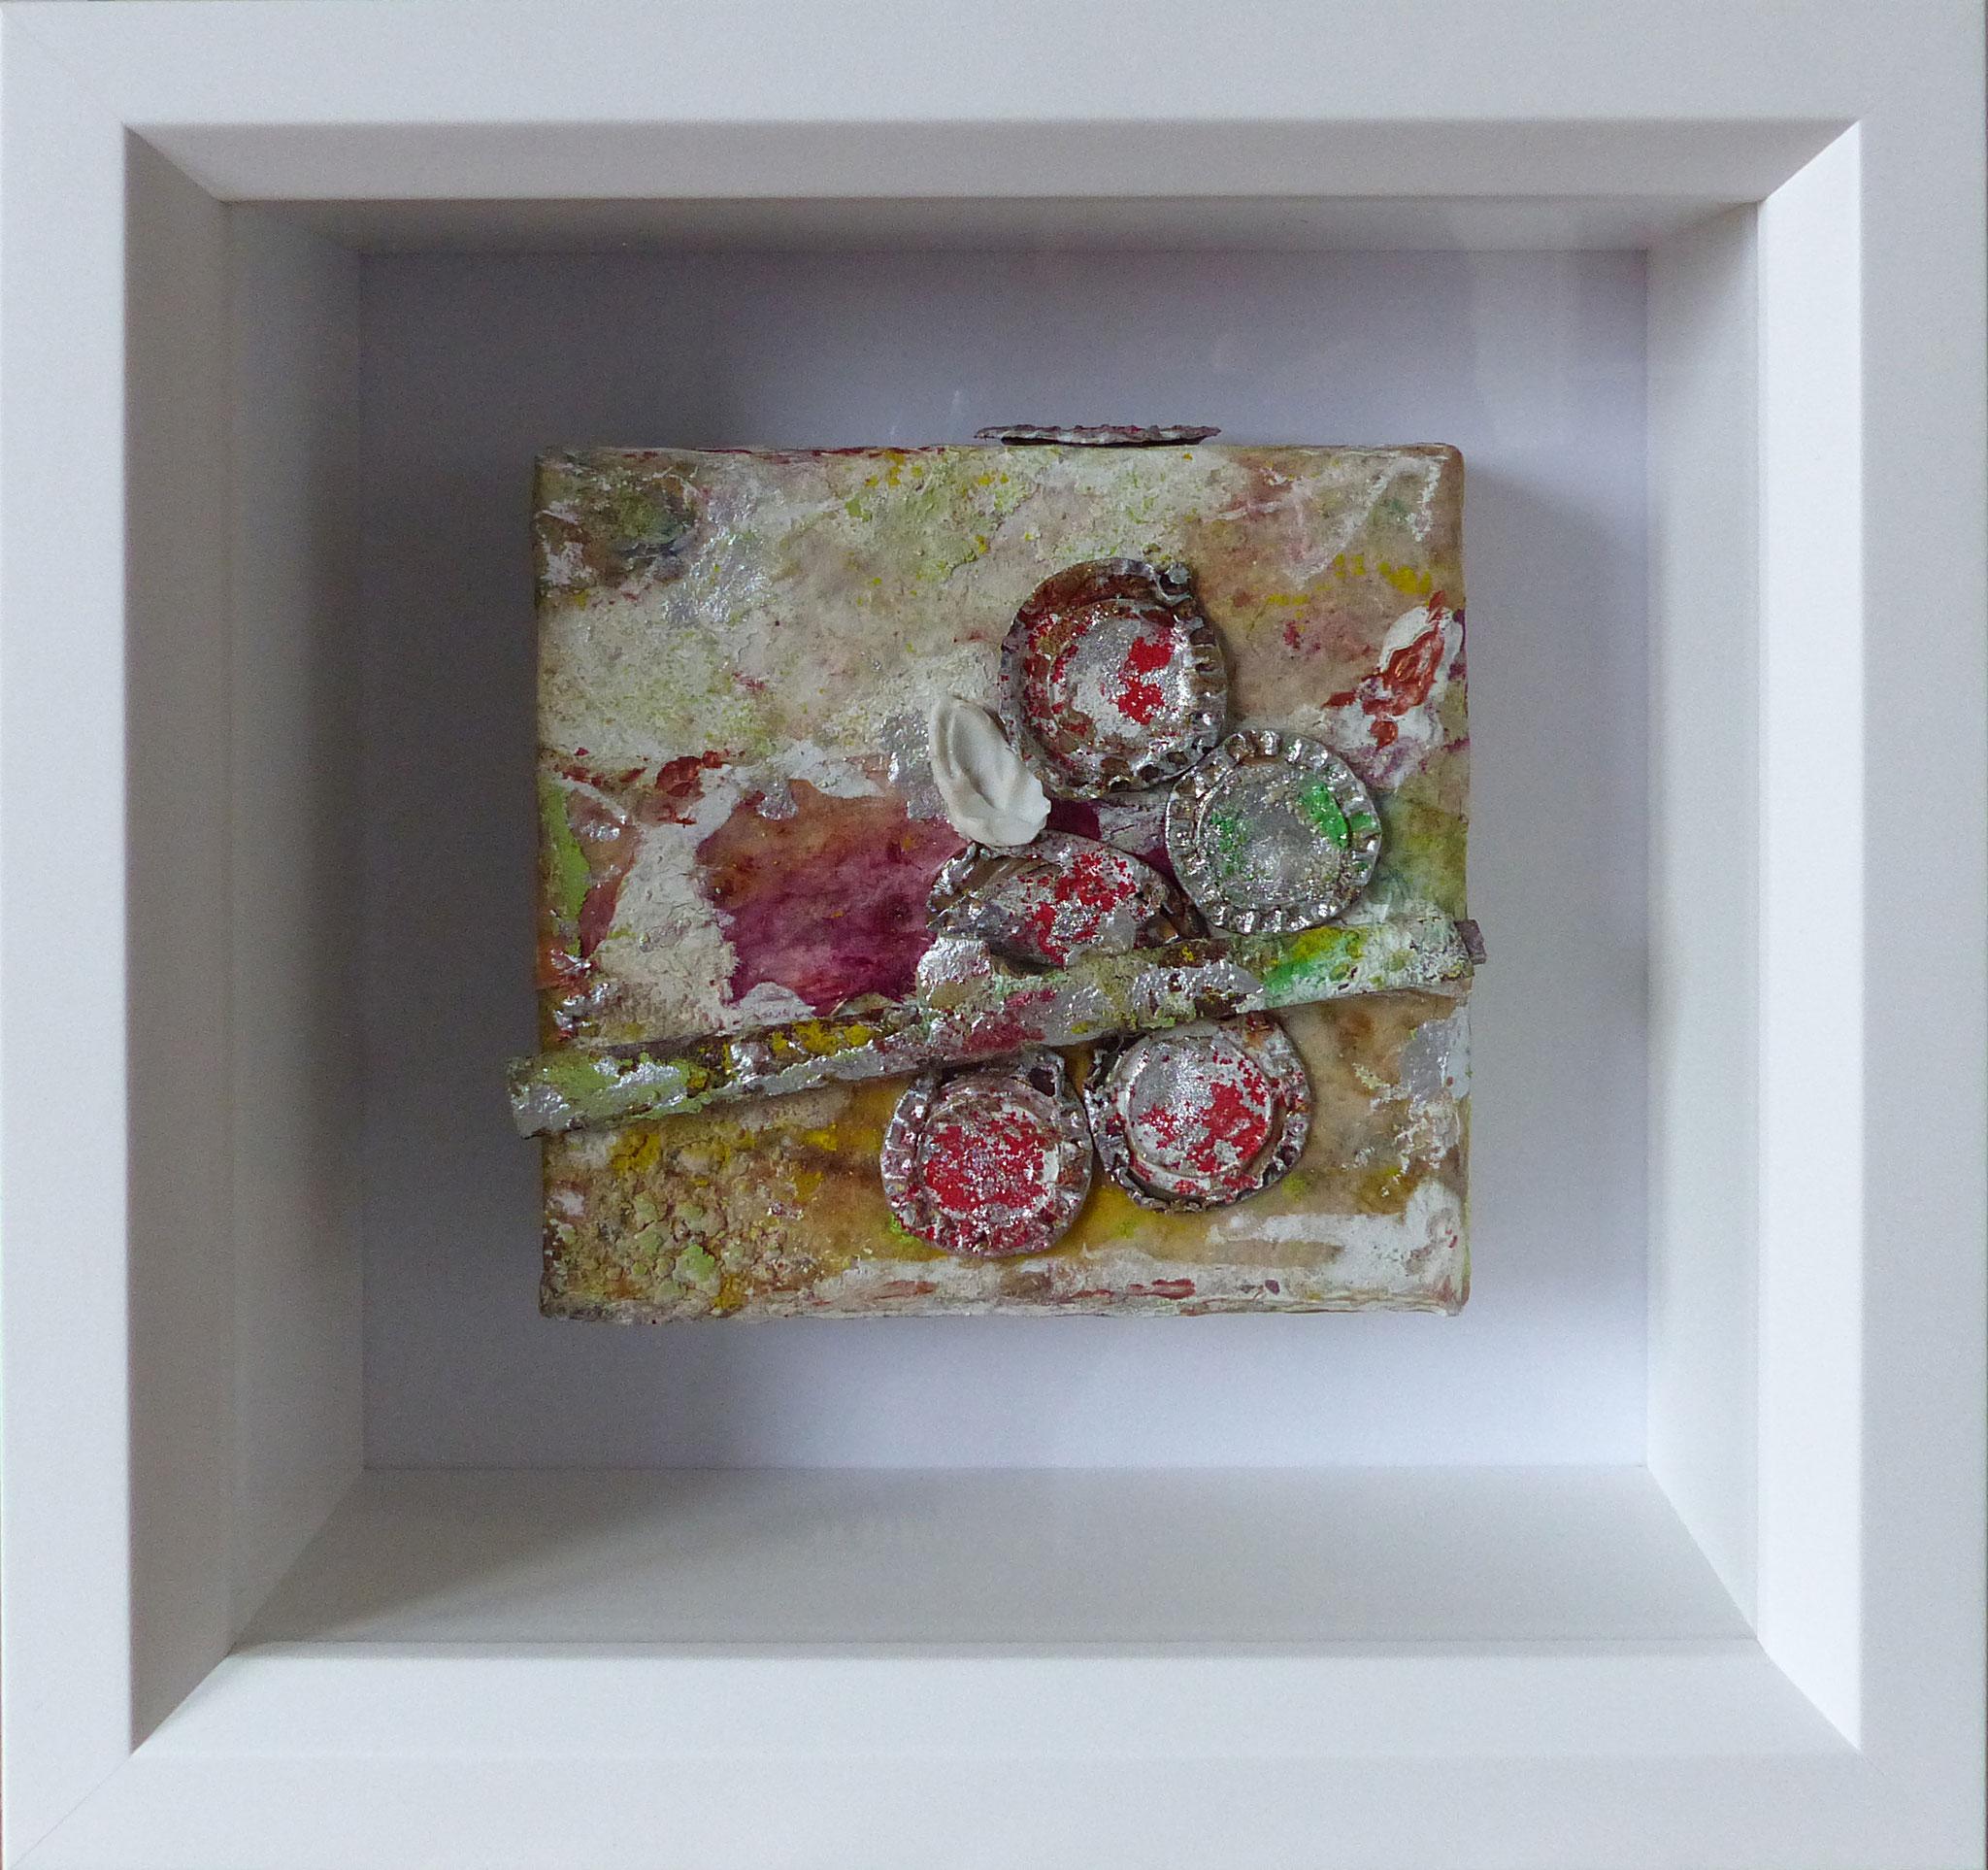 Löffelchen, 2018, 20x20 cm im Objektrahmen, 210 Euro